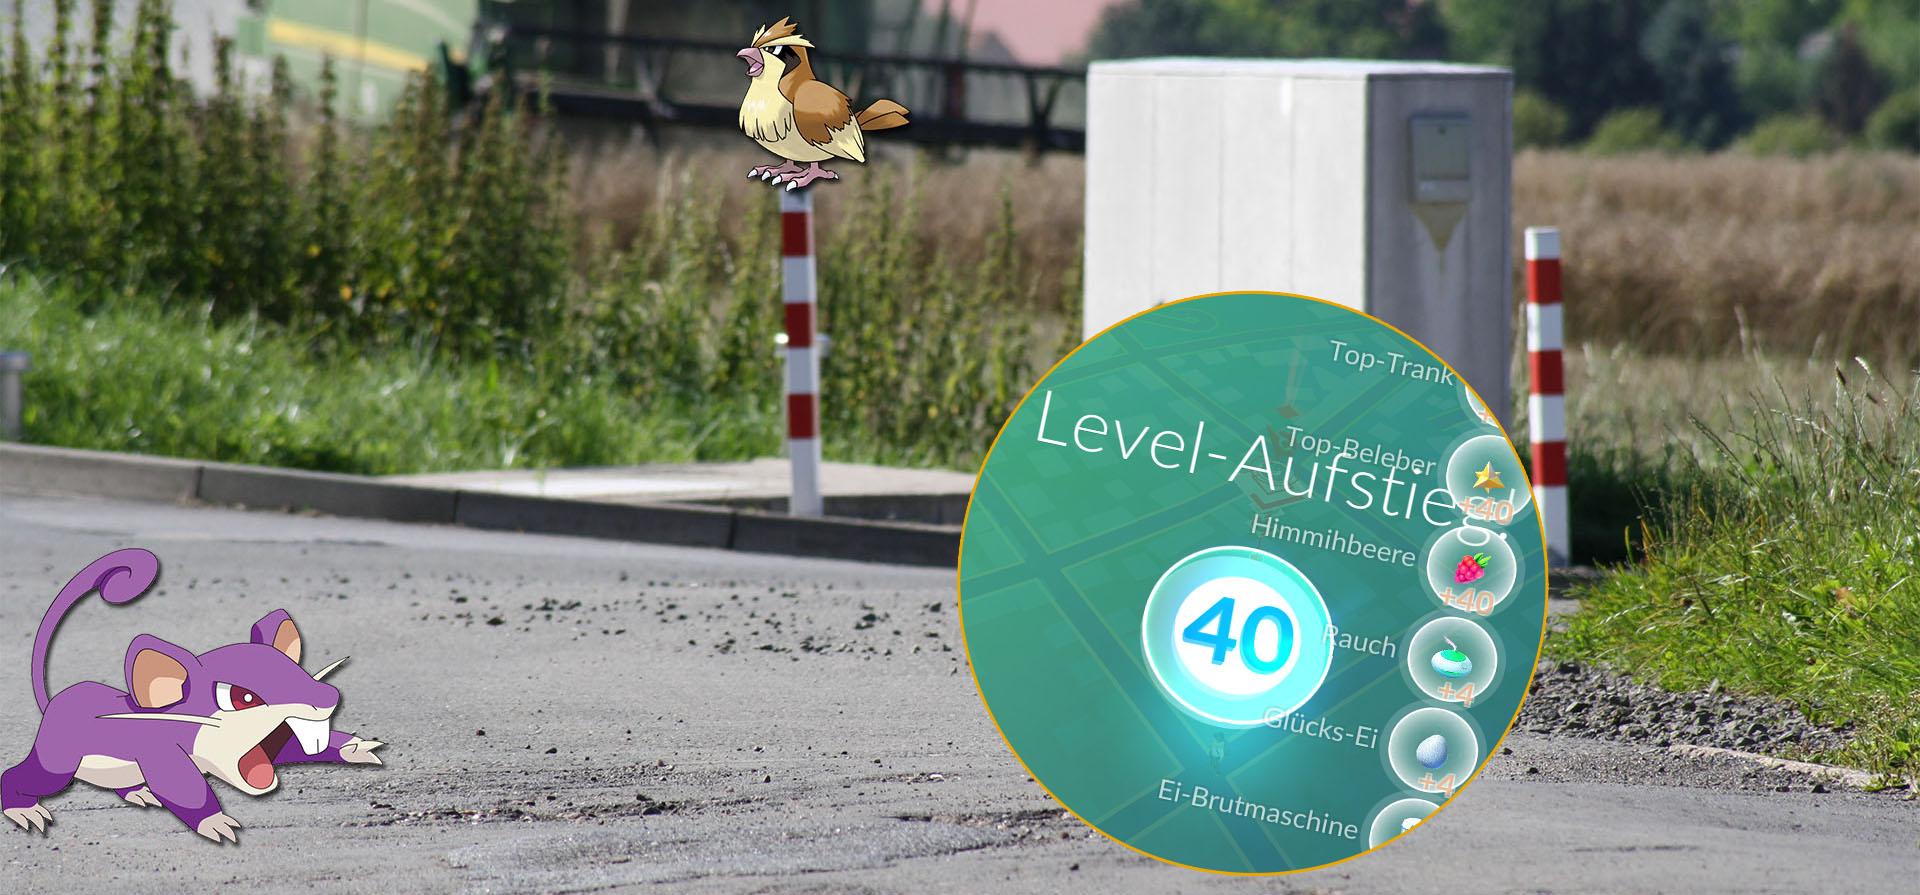 Pokémon GO Level-Rechner: Wie viele Jahre braucht Ihr bis Level 40?